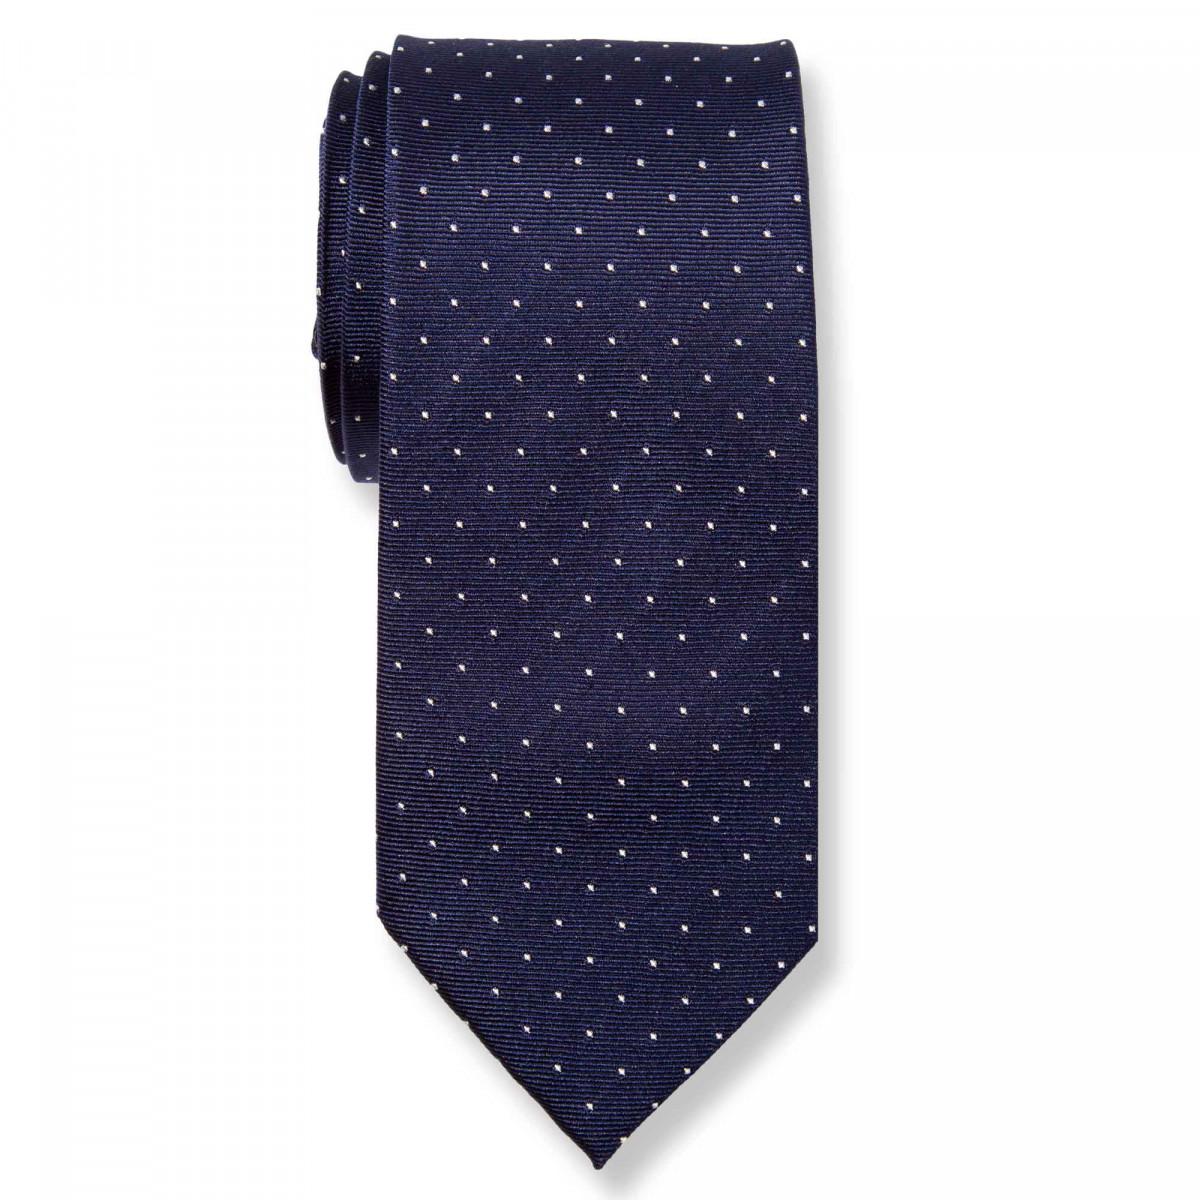 Cravate à pois - Soie Bleu marine